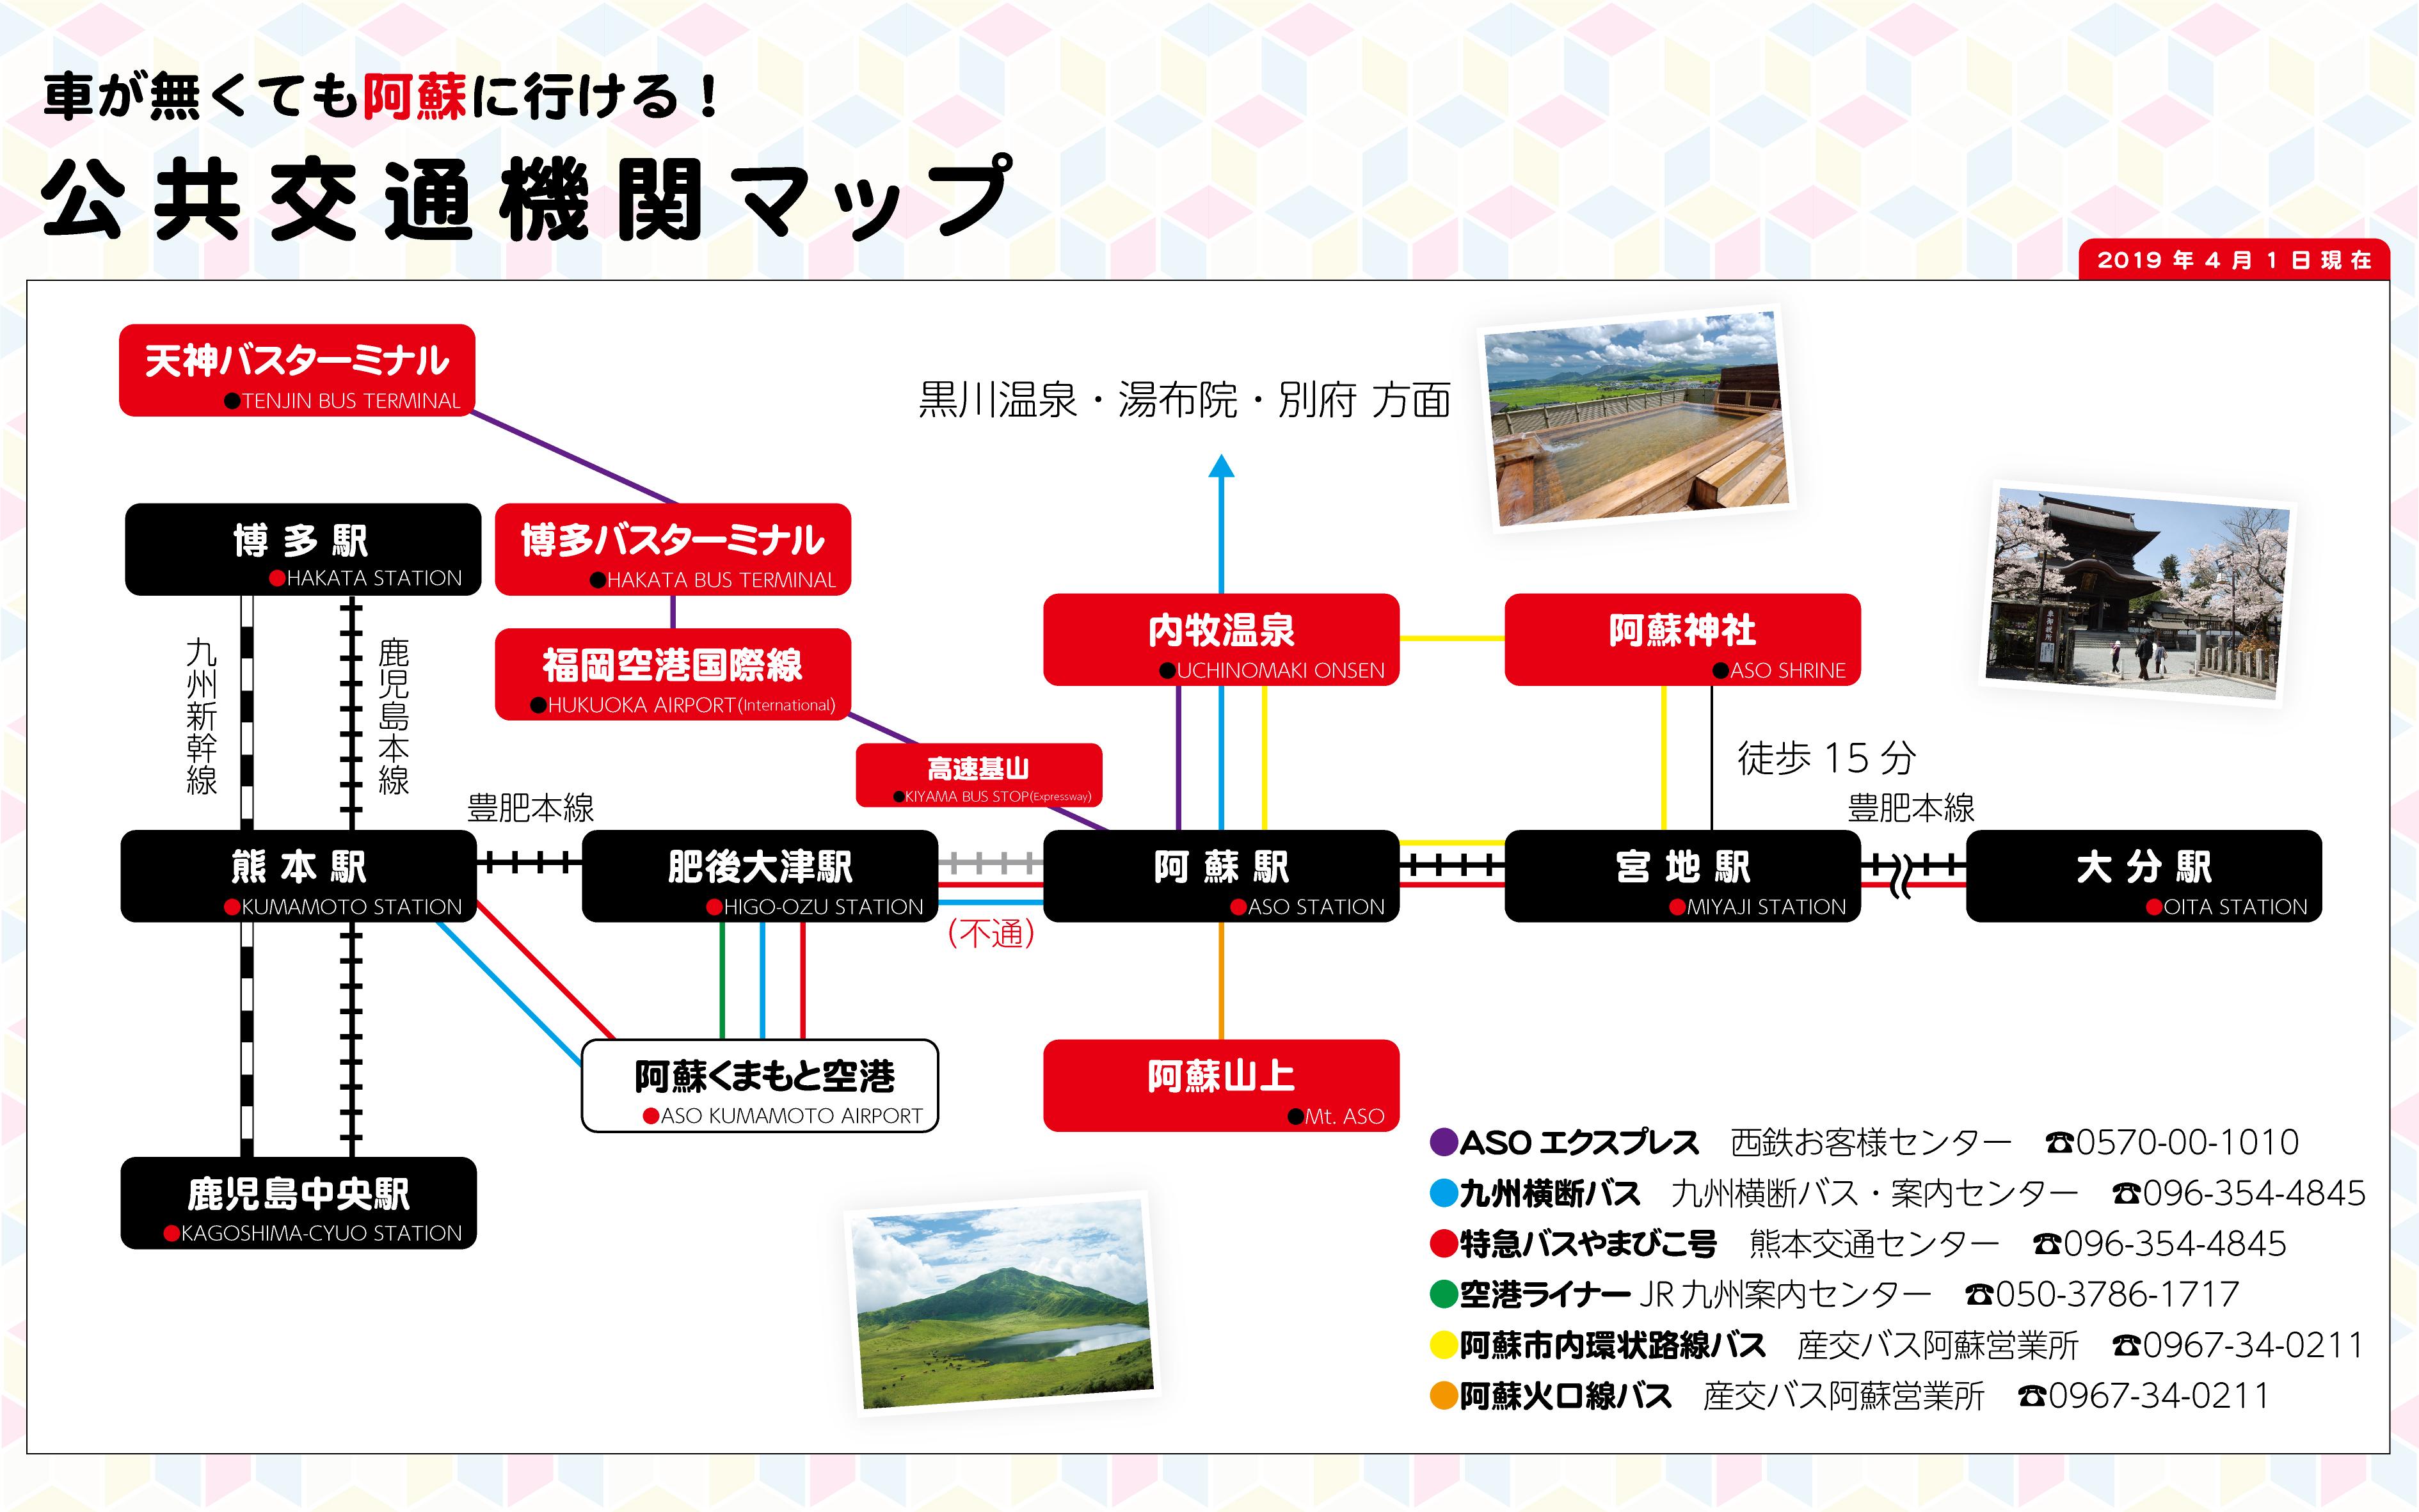 車が無くても阿蘇に行ける。公共交通機関マップ